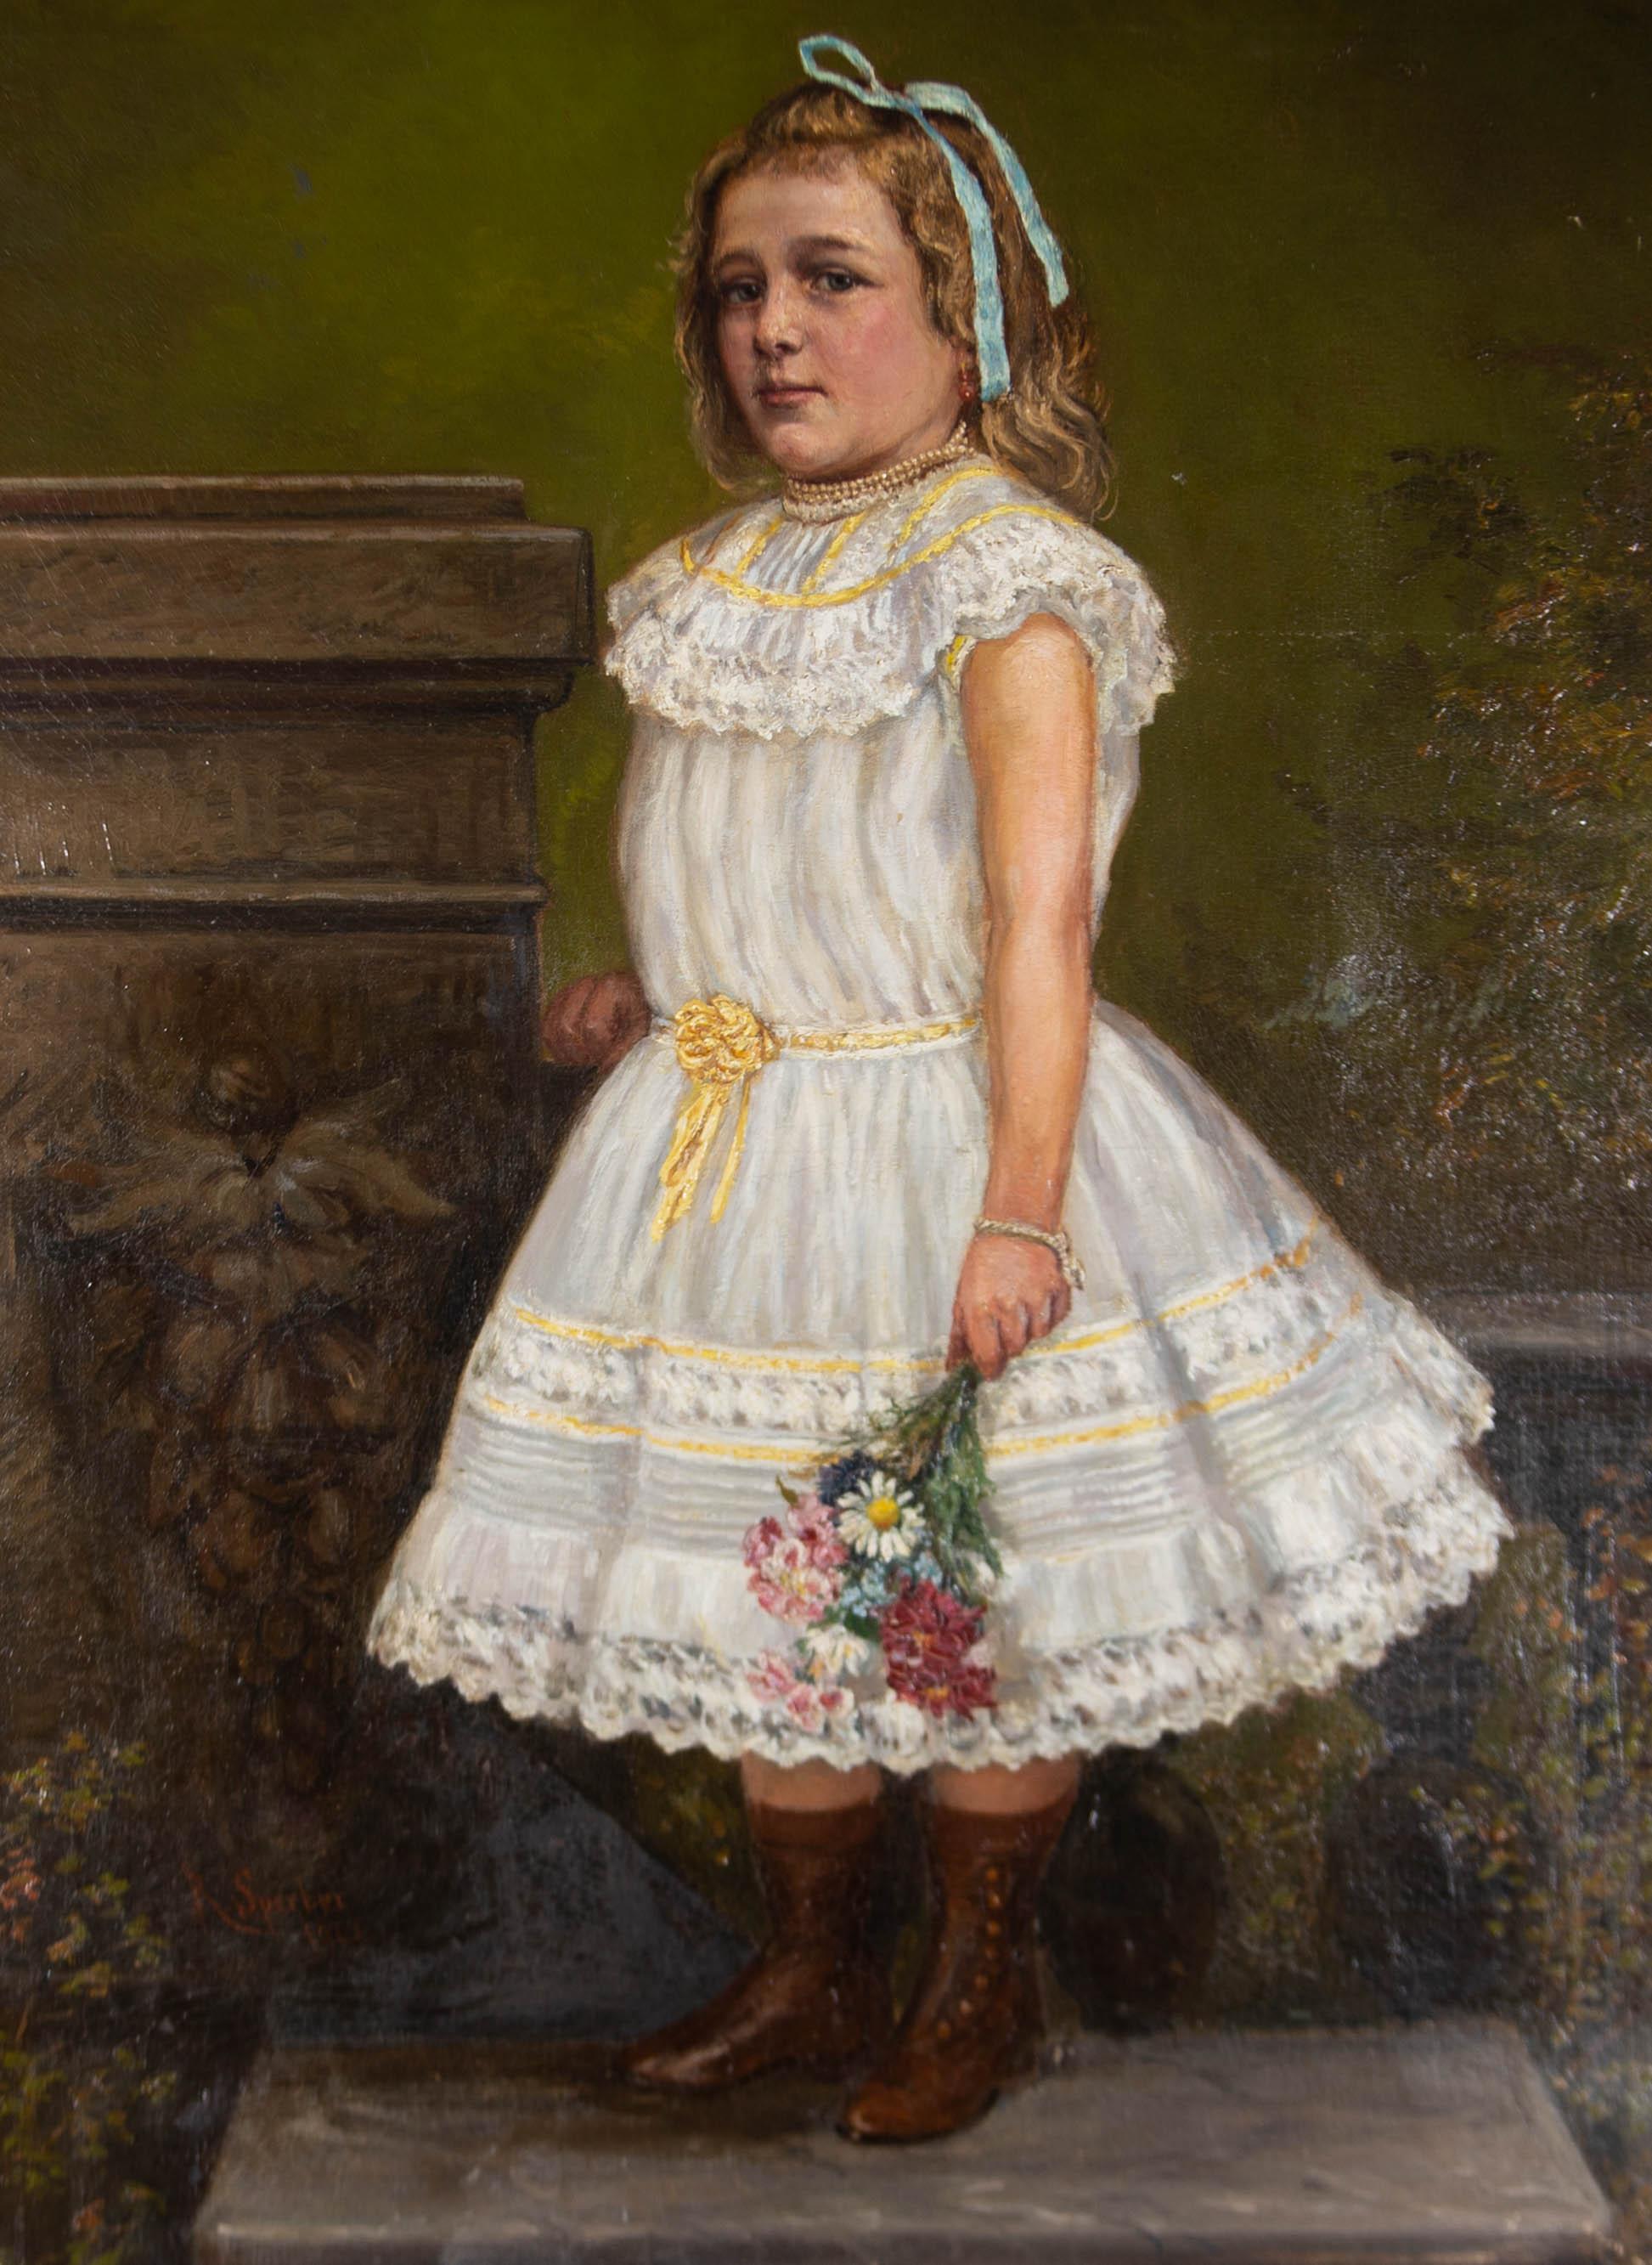 R. Sperber - 1902 Oil, The Party Dress